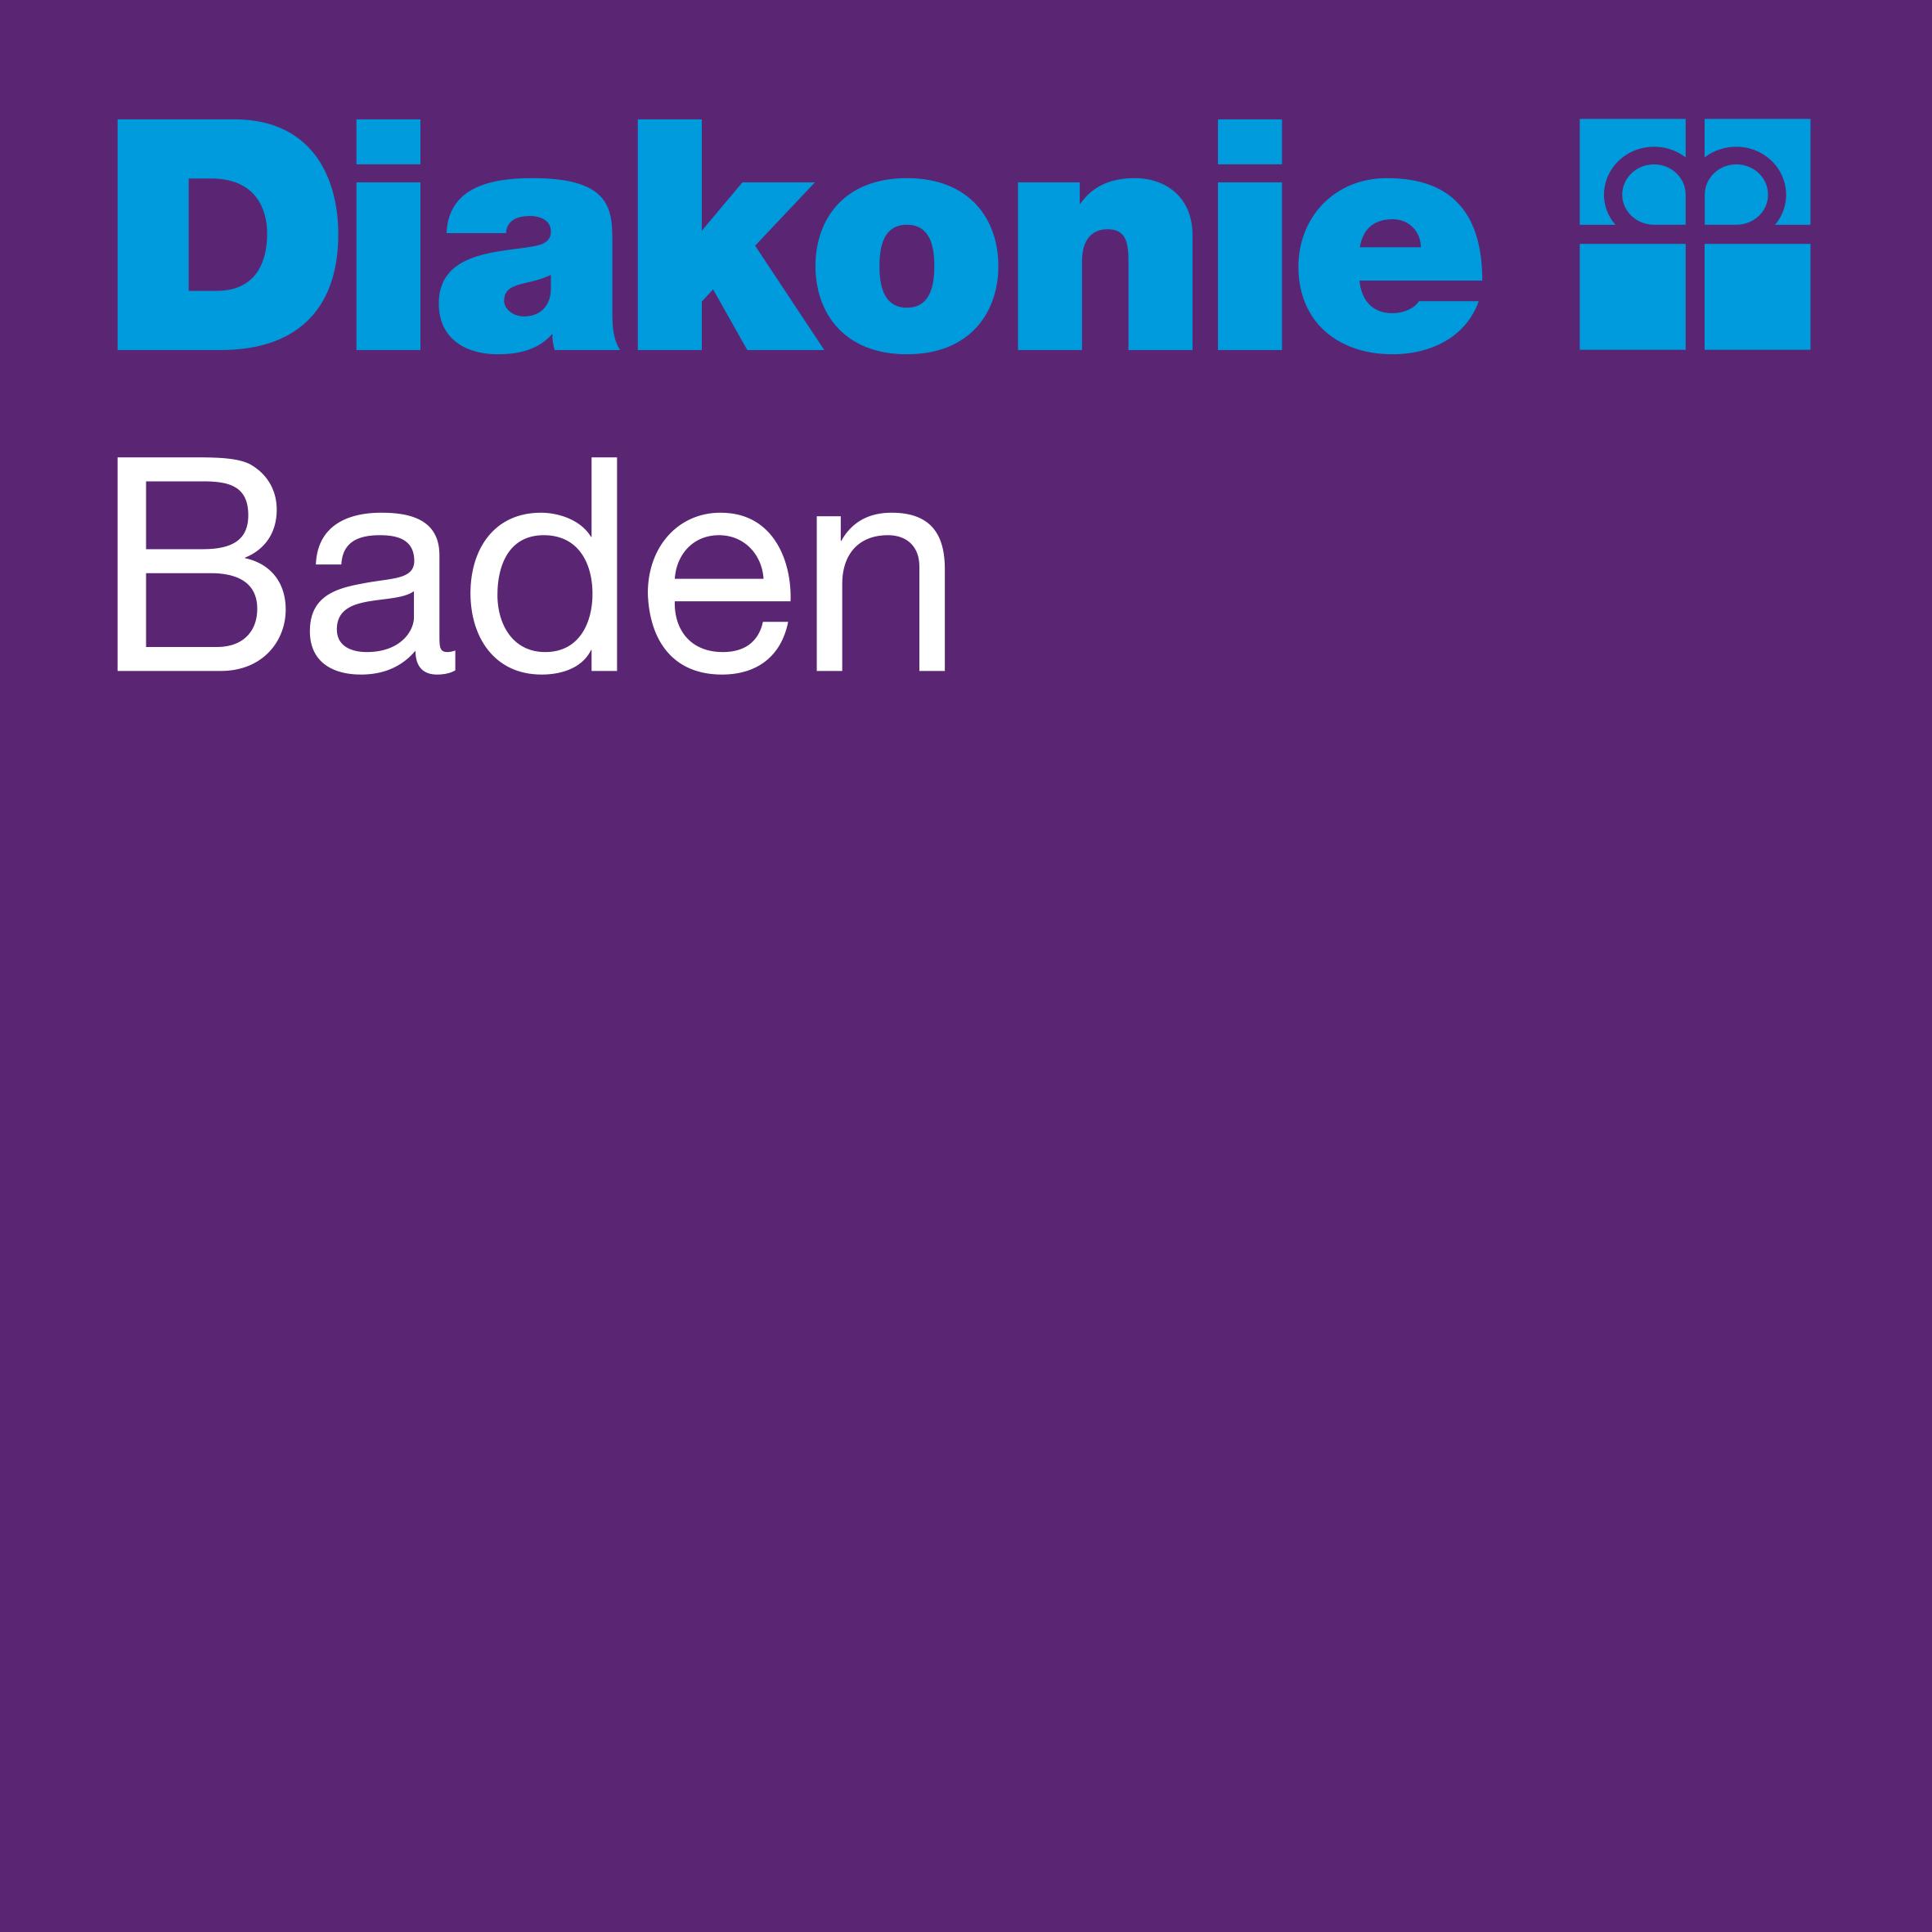 Logo: Das Diakonische Werk der Evangelischen Landeskirche in Baden e.V.